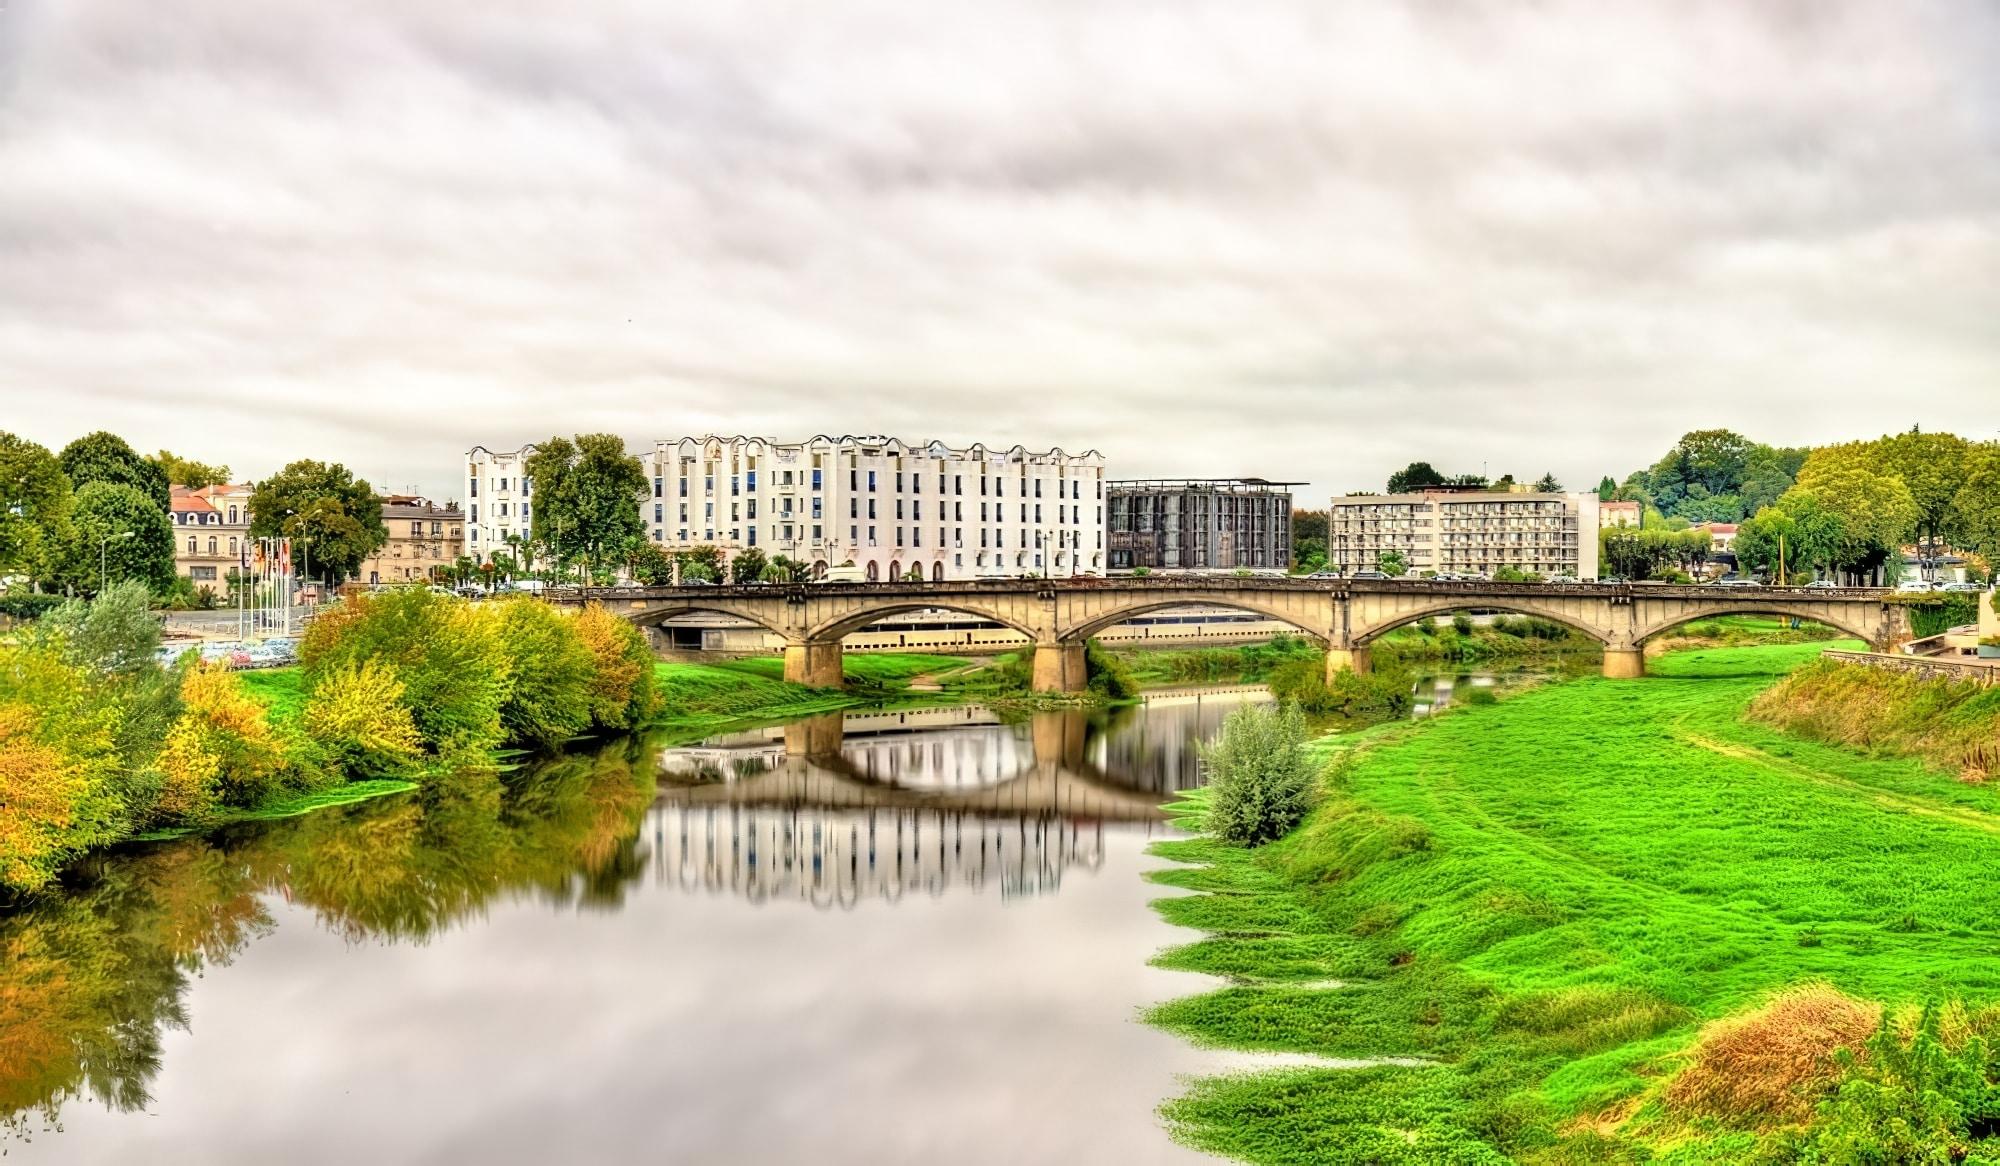 Vue sur la rivière Adour à Dax - France, département des Landes